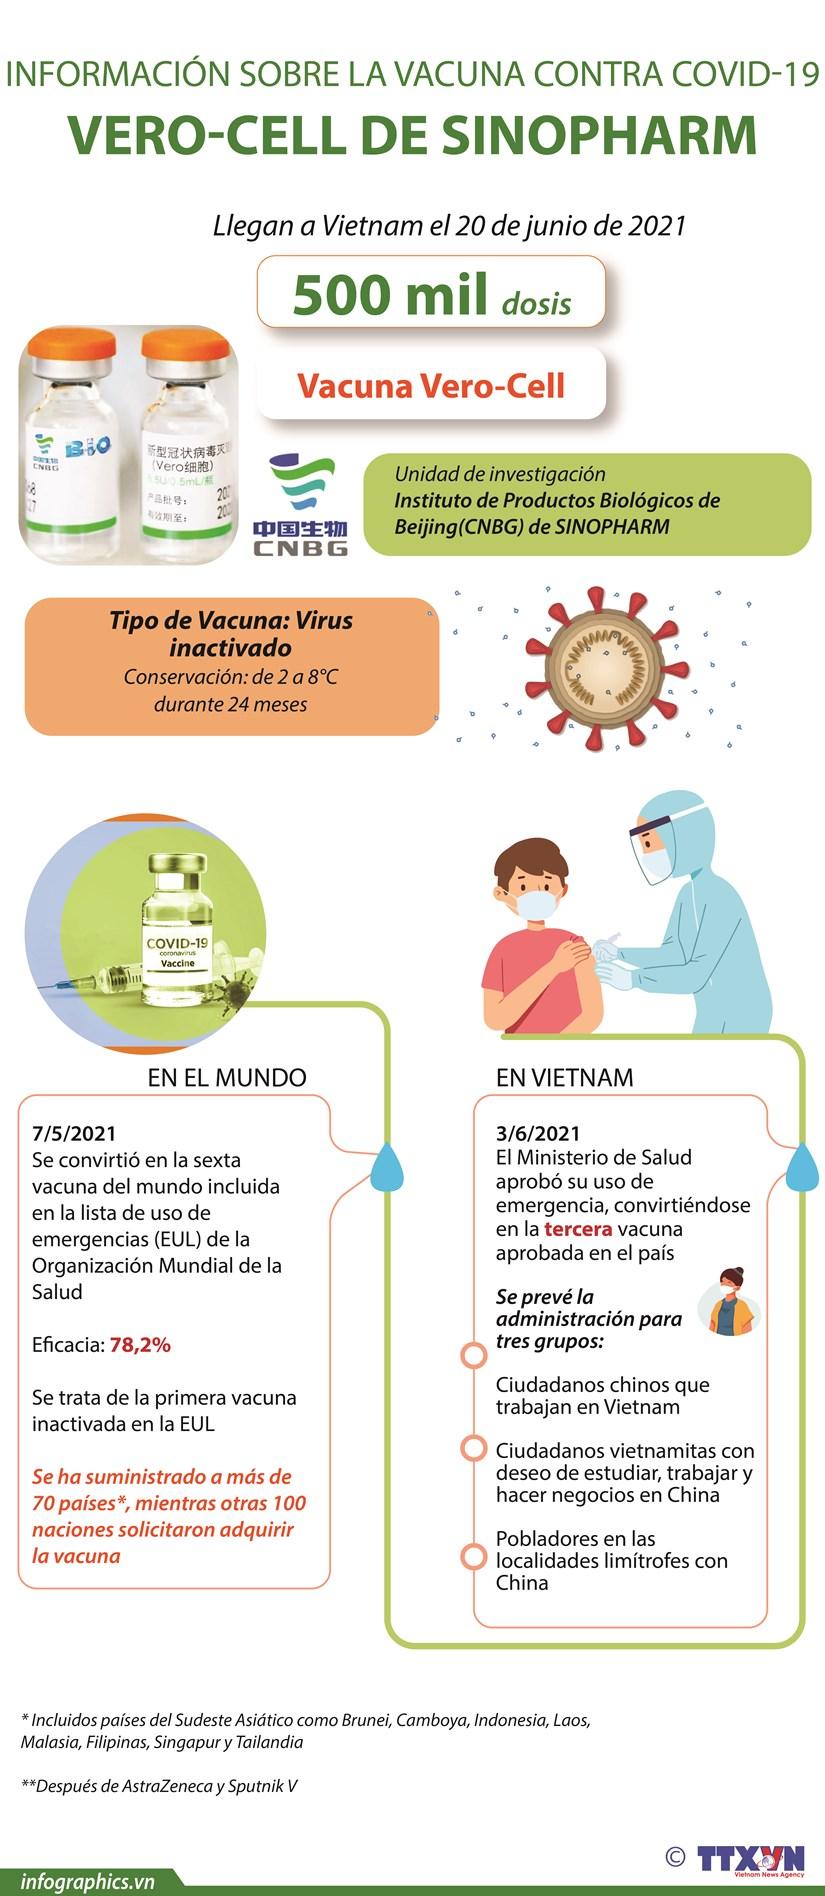 Informacion sobre la vacuna contra COVID-19 VERO-CELL de SINOPHARM hinh anh 1